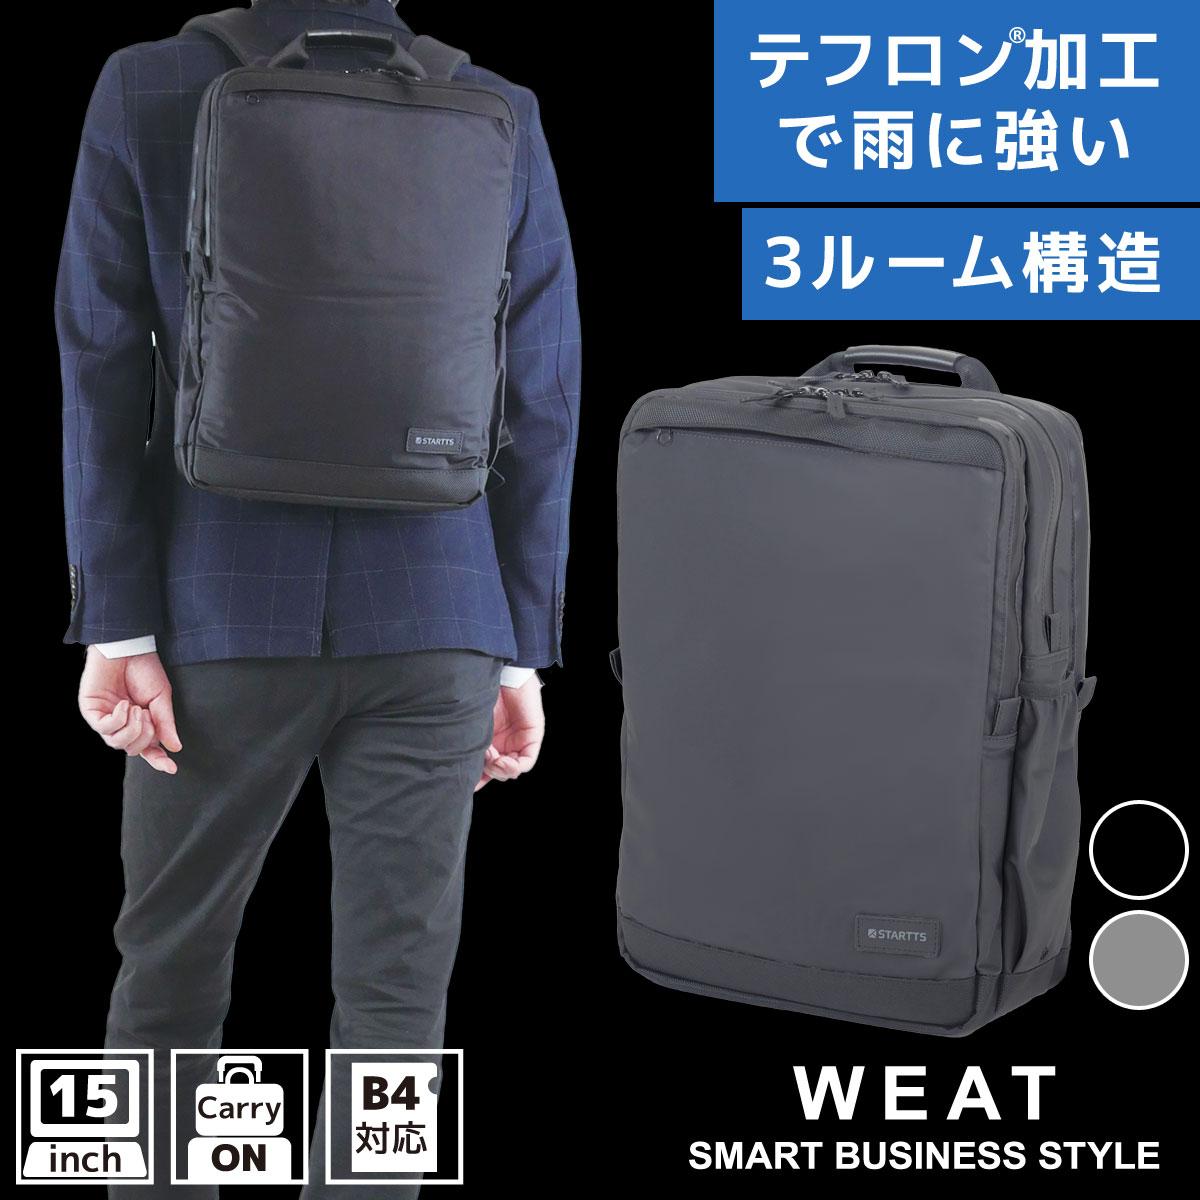 ビジネスリュック ビジカジ止水デイパックキャリーオン スーツケースにセット WEAT WE-22 ビジネスリュック